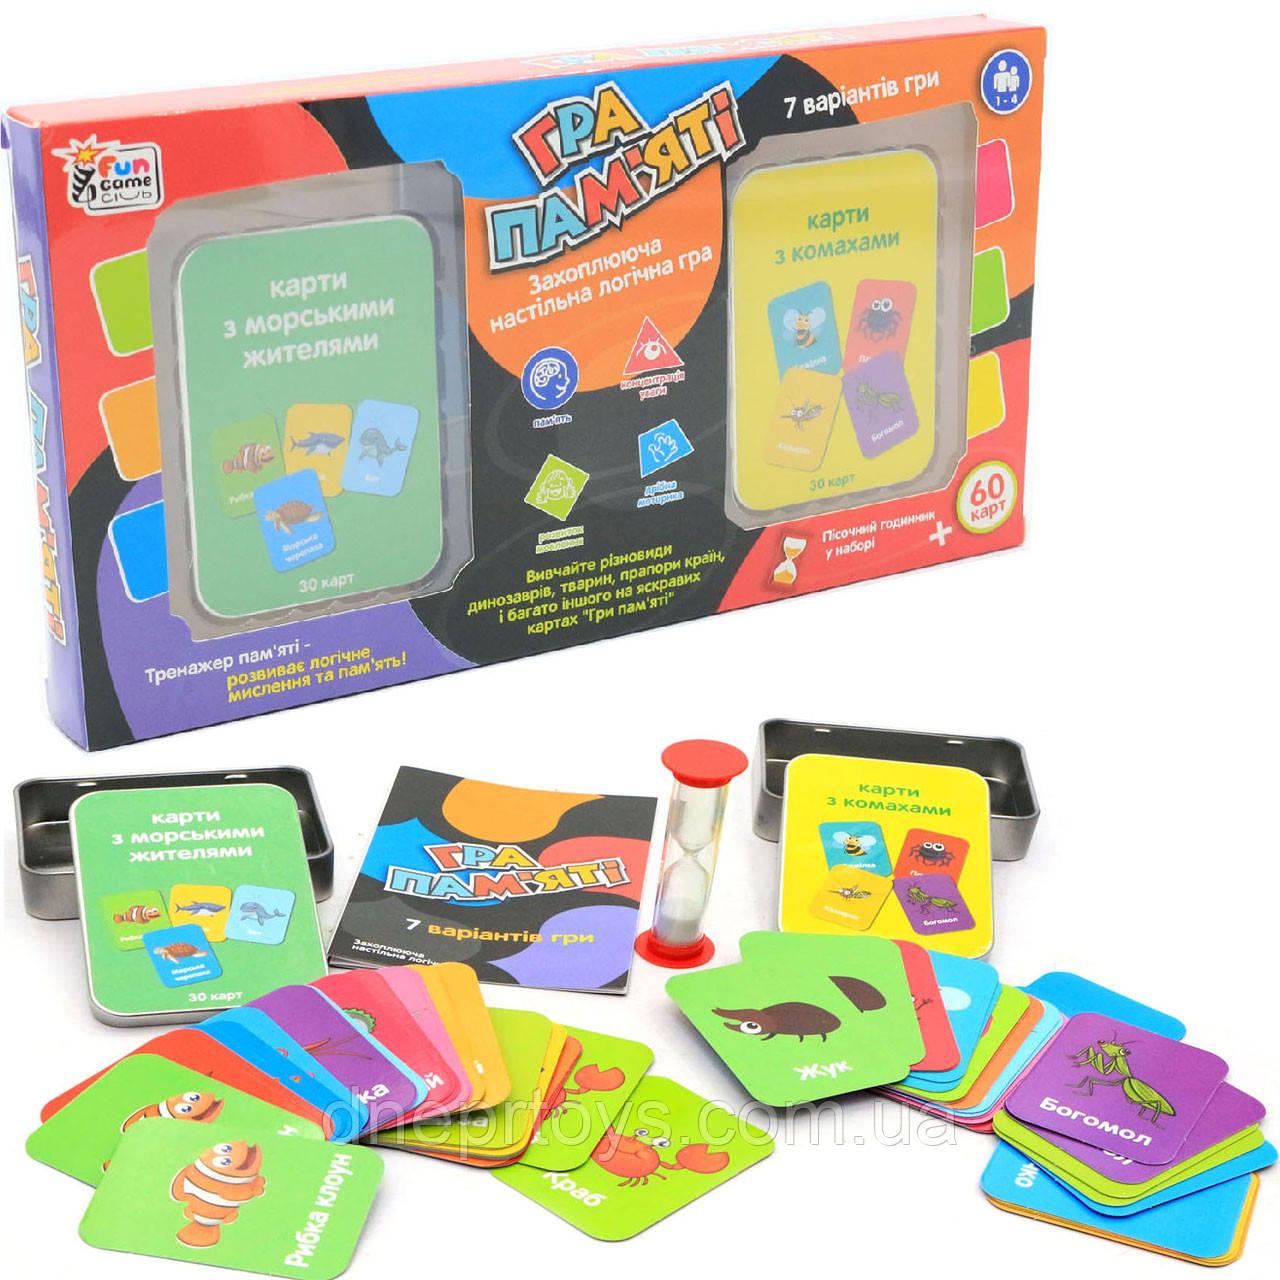 Настольная игра головоломка Fun game «Гра пам'яті» карти з морськими жителями та комахами UKB-B0046